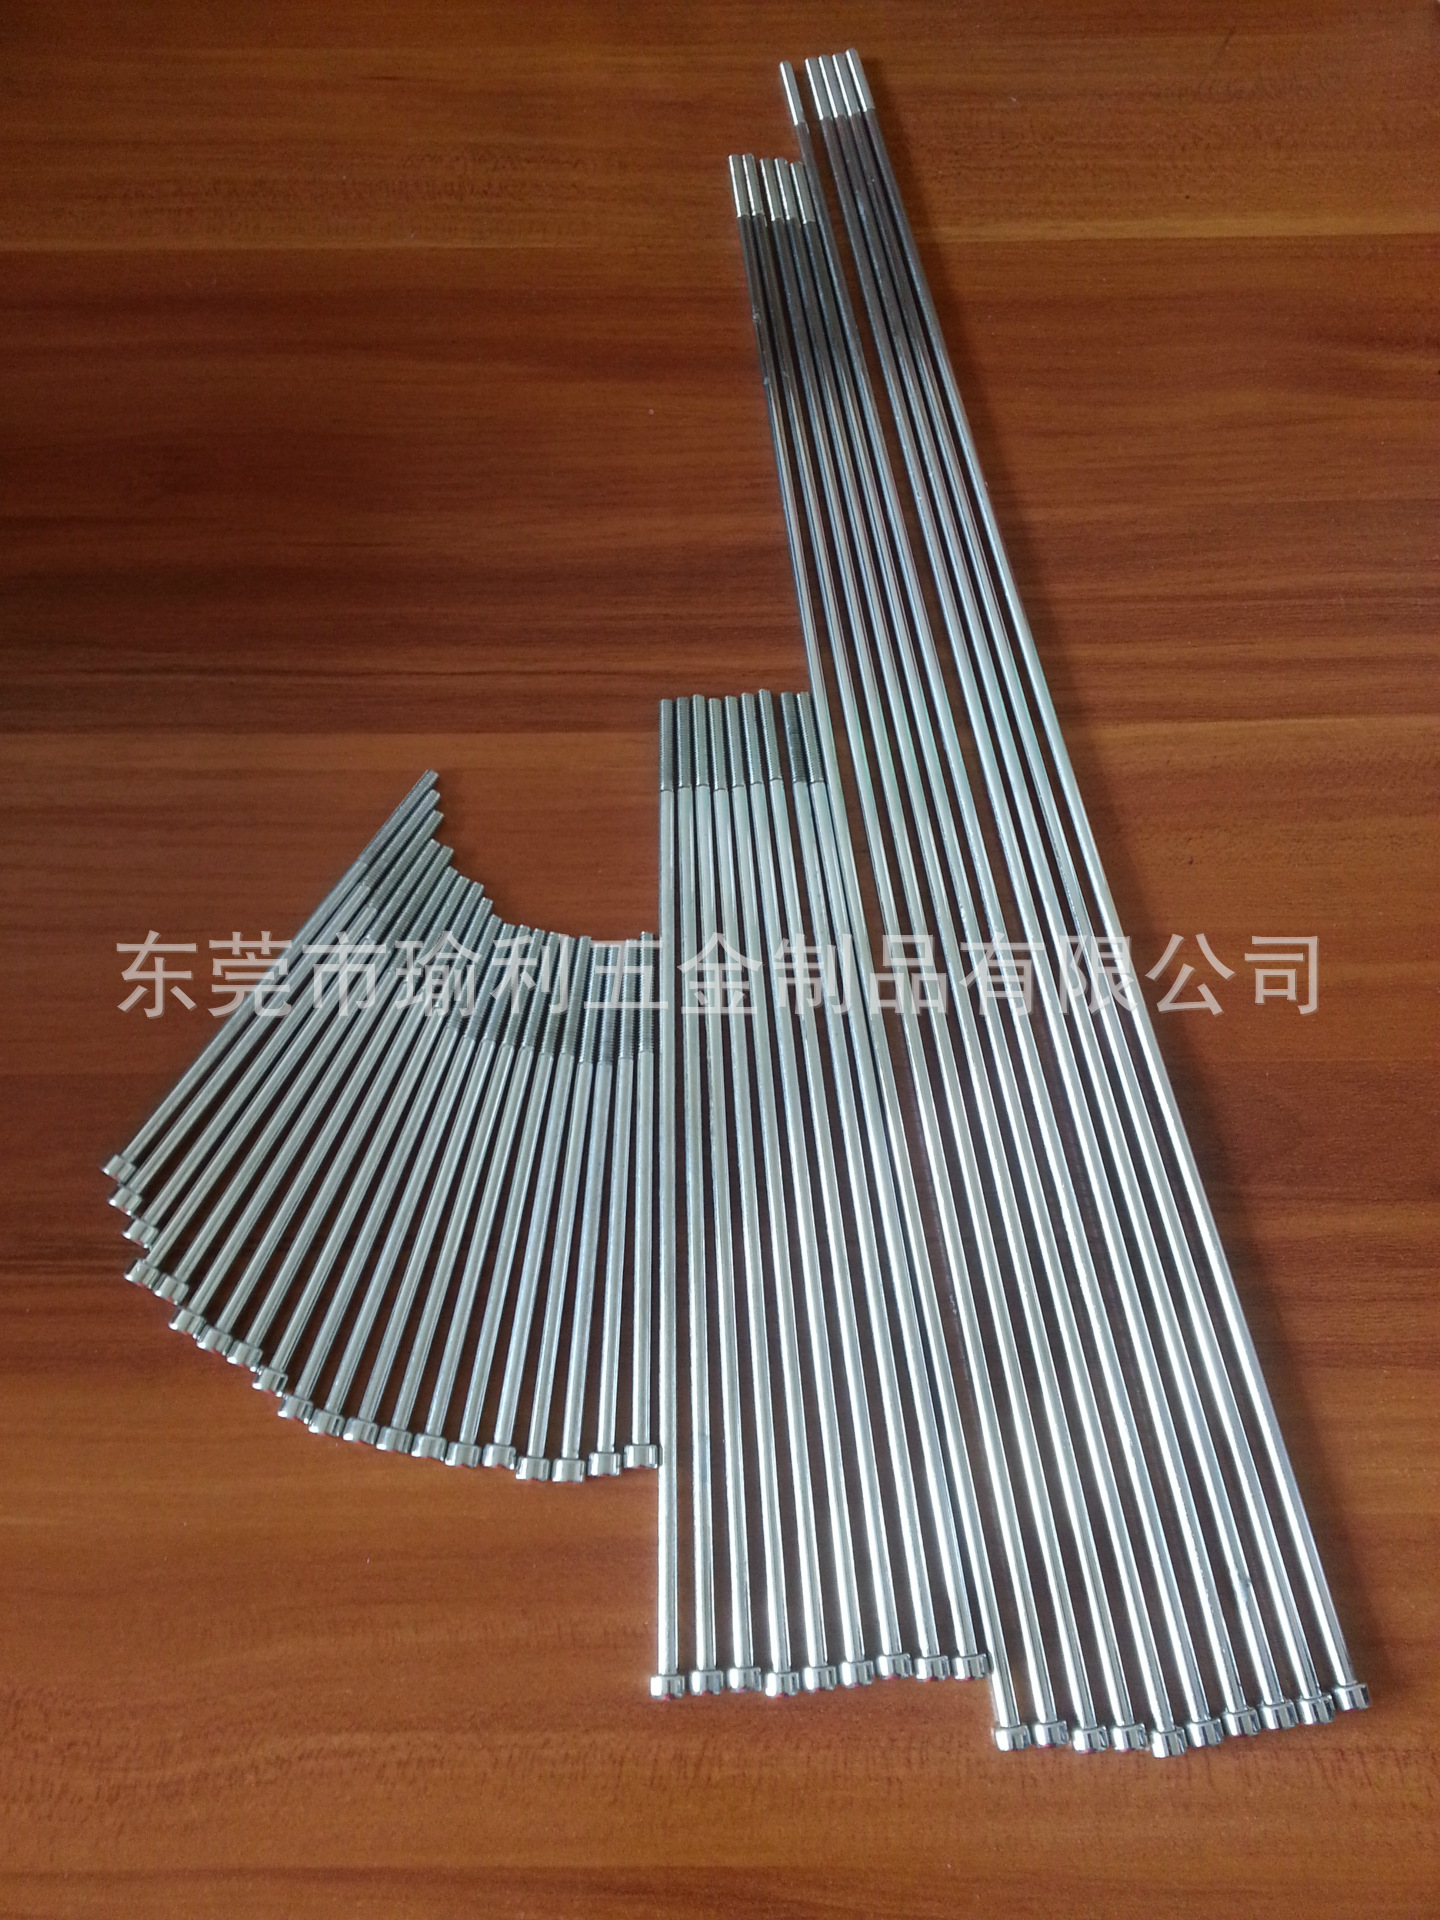 加工定做 圆柱头非标螺丝 异形螺丝 内六角加长螺丝 连接件 紧固图片